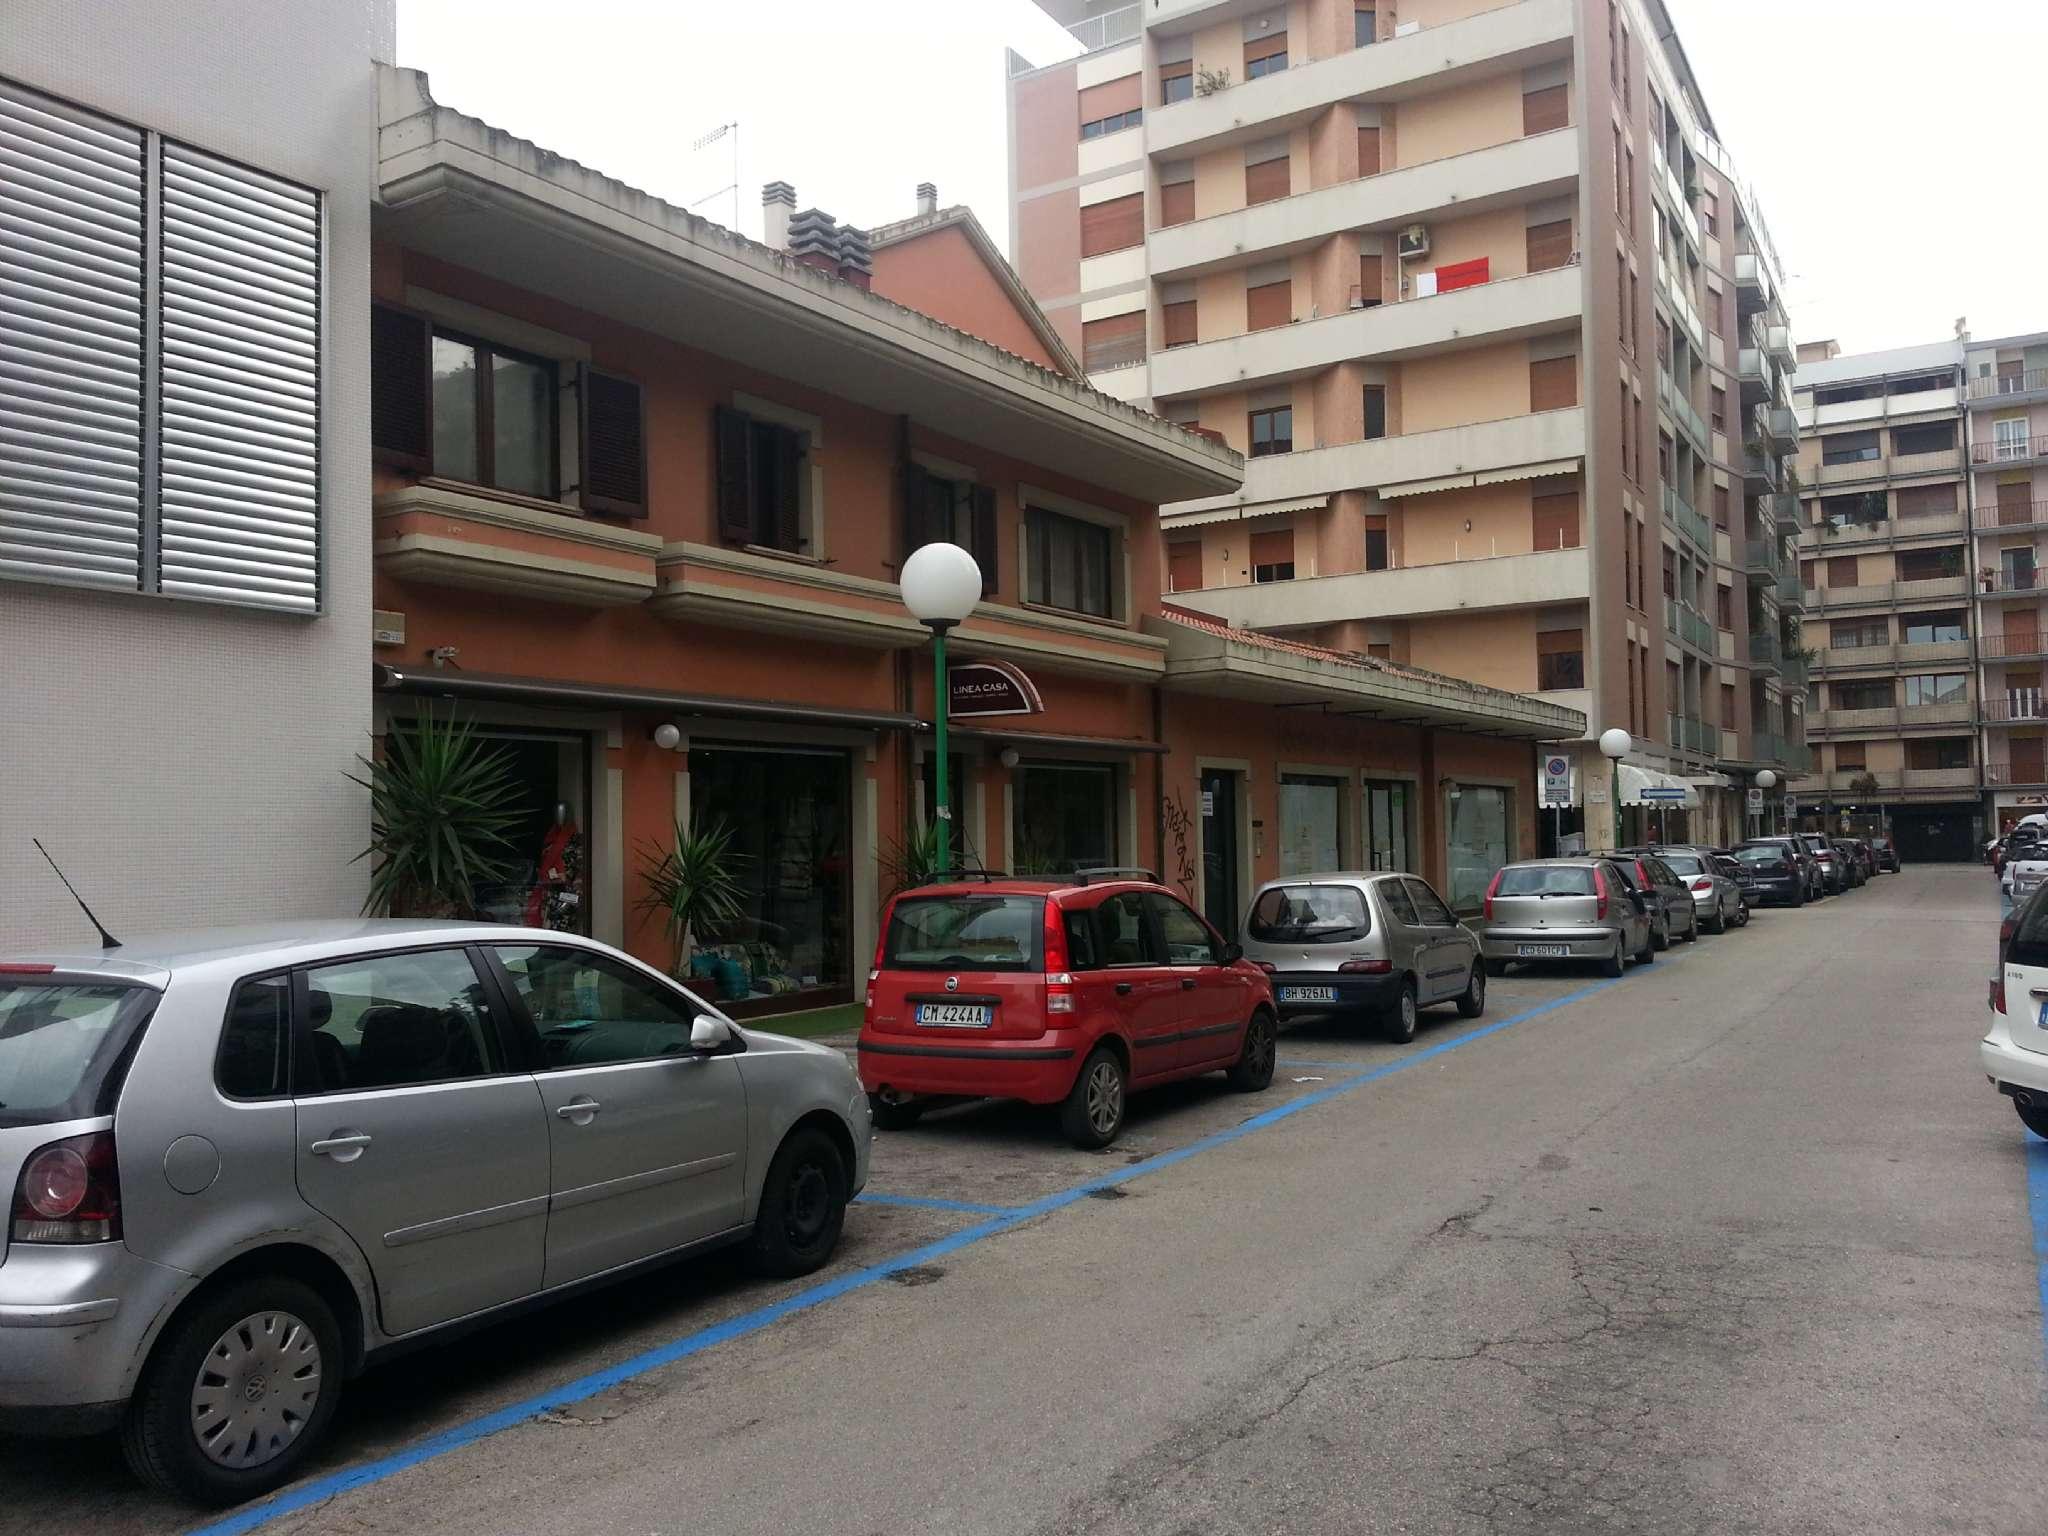 Negozio / Locale in affitto a Pescara, 2 locali, prezzo € 3.500 | CambioCasa.it